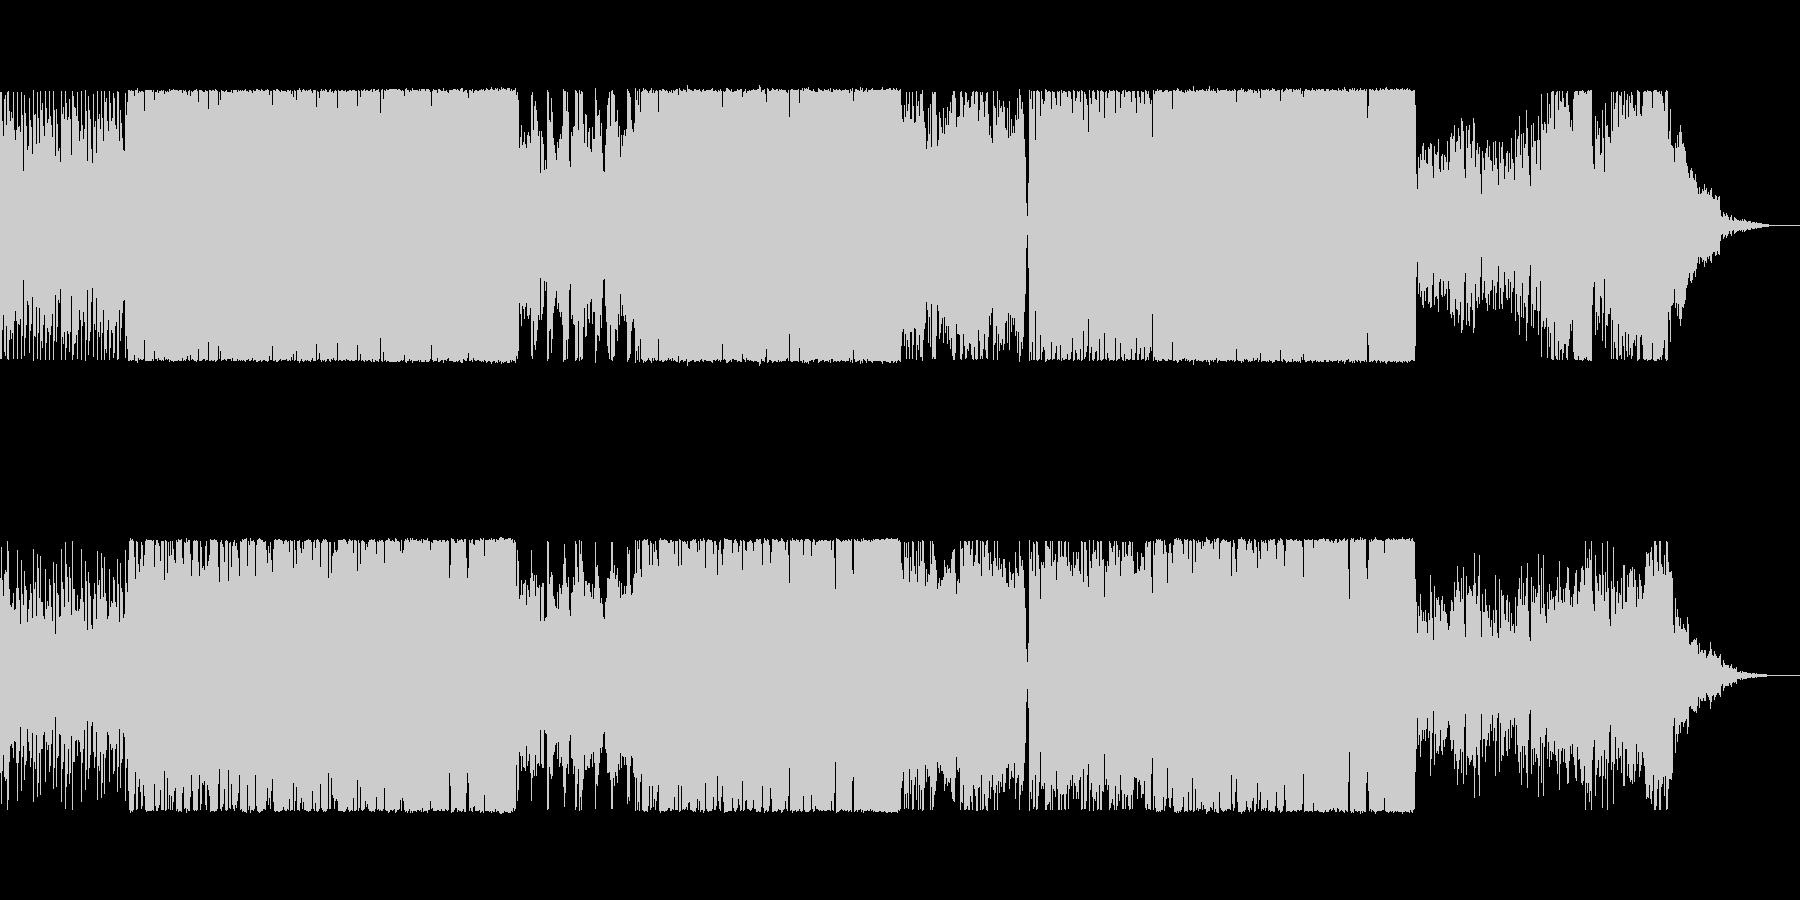 ケルト楽器を使ったピアノ伴奏の楽曲の未再生の波形